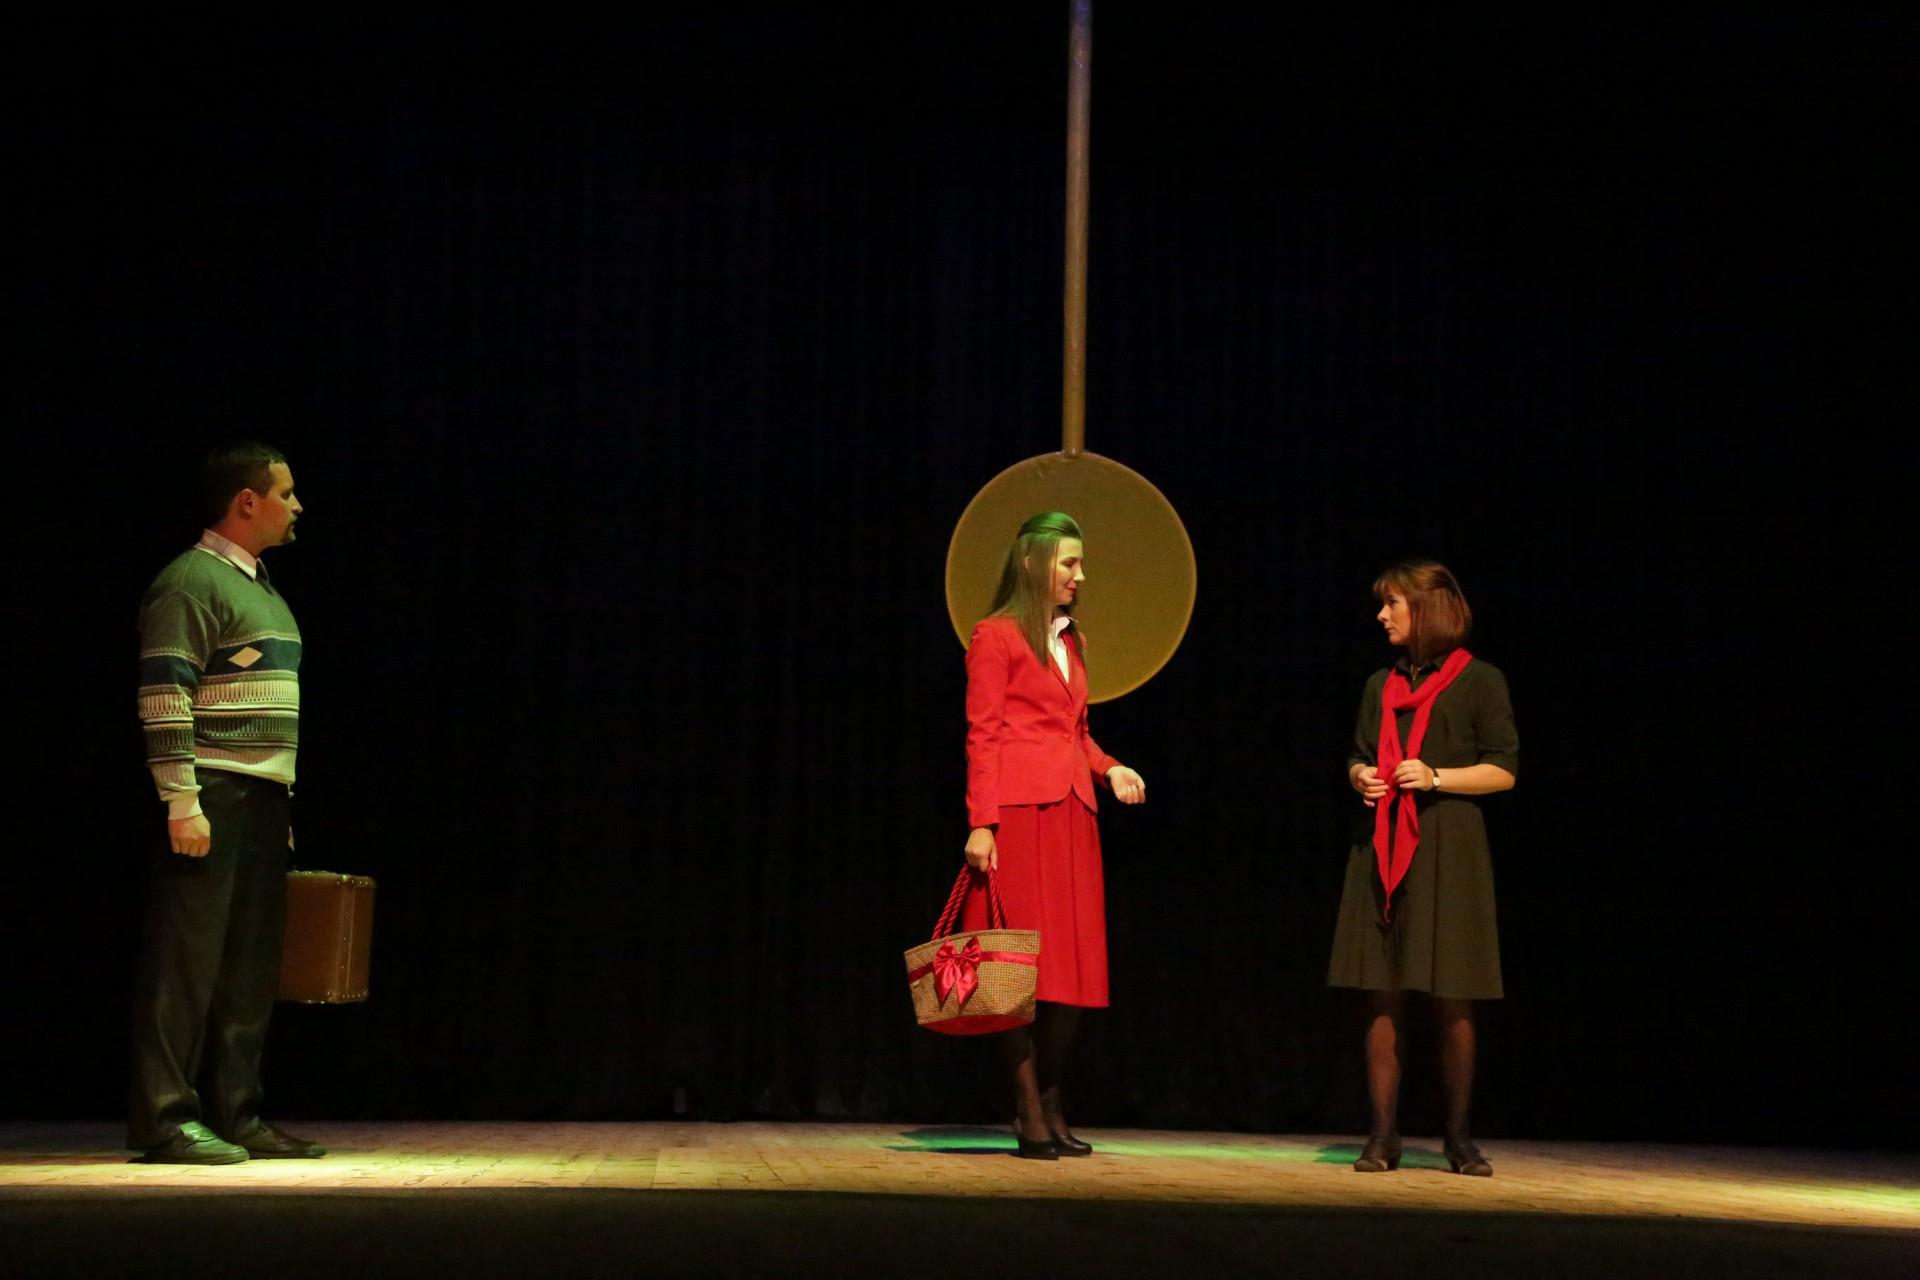 народный театр-студия Новаясцена